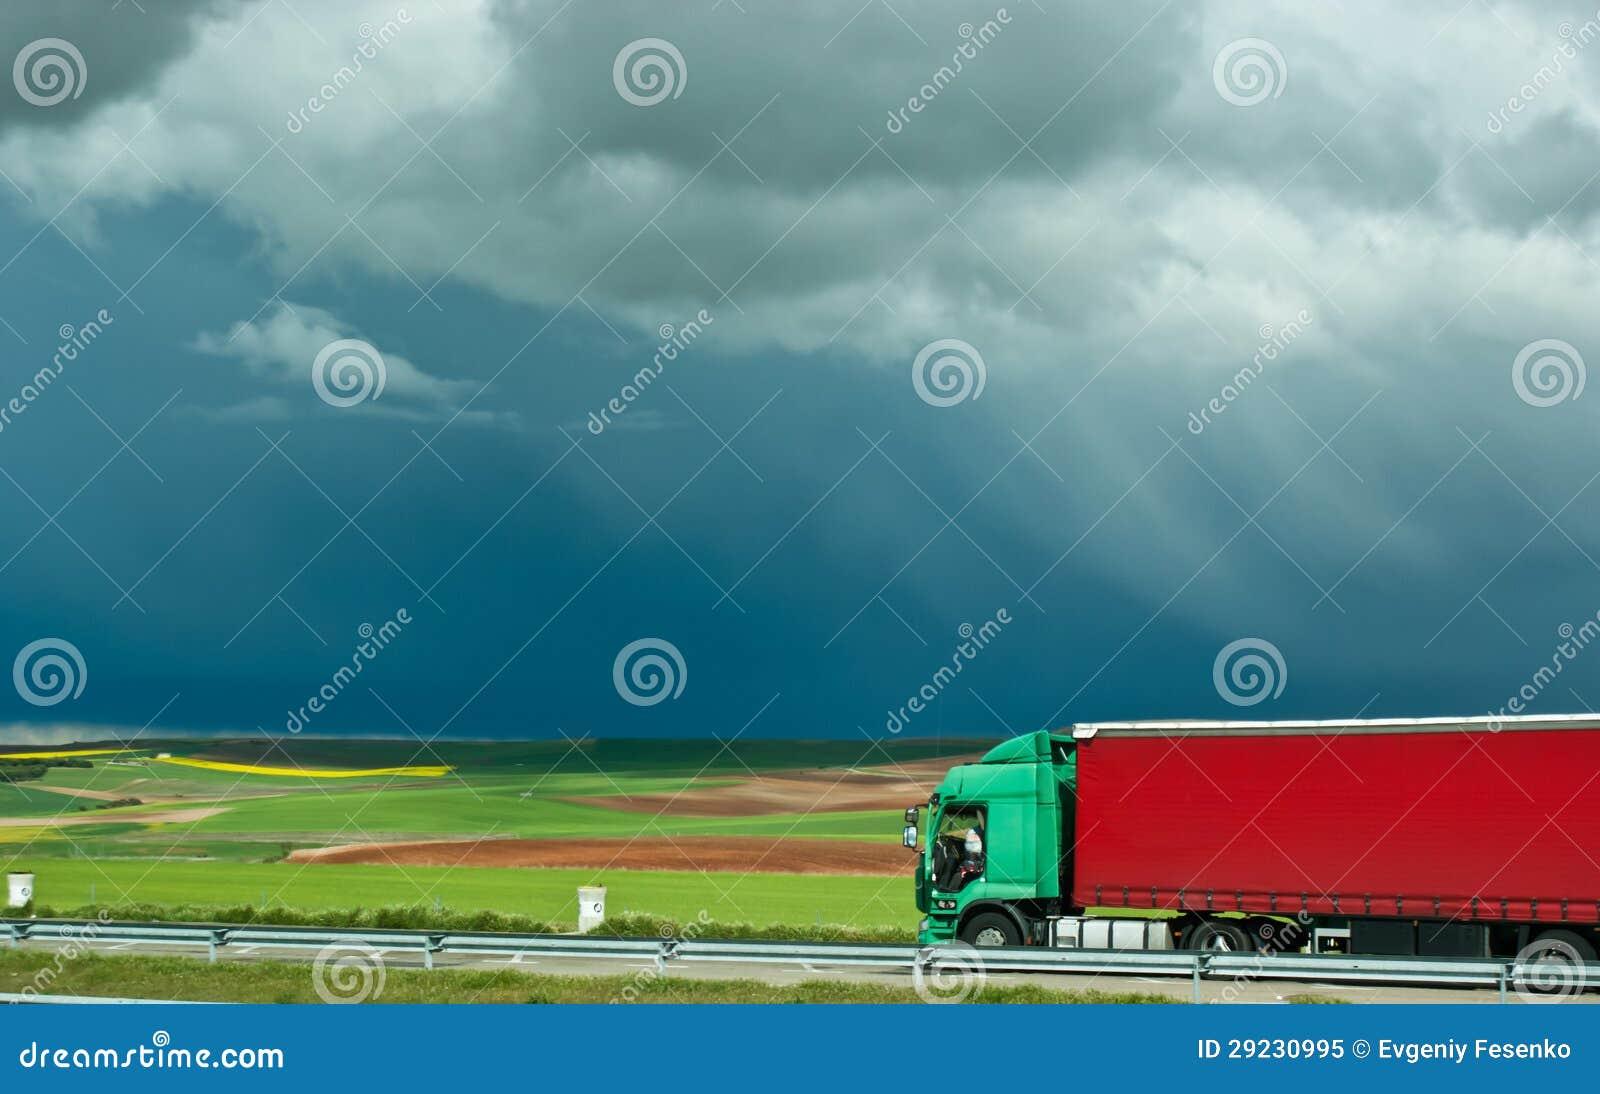 Download O caminhão vermelho imagem de stock. Imagem de contraste - 29230995